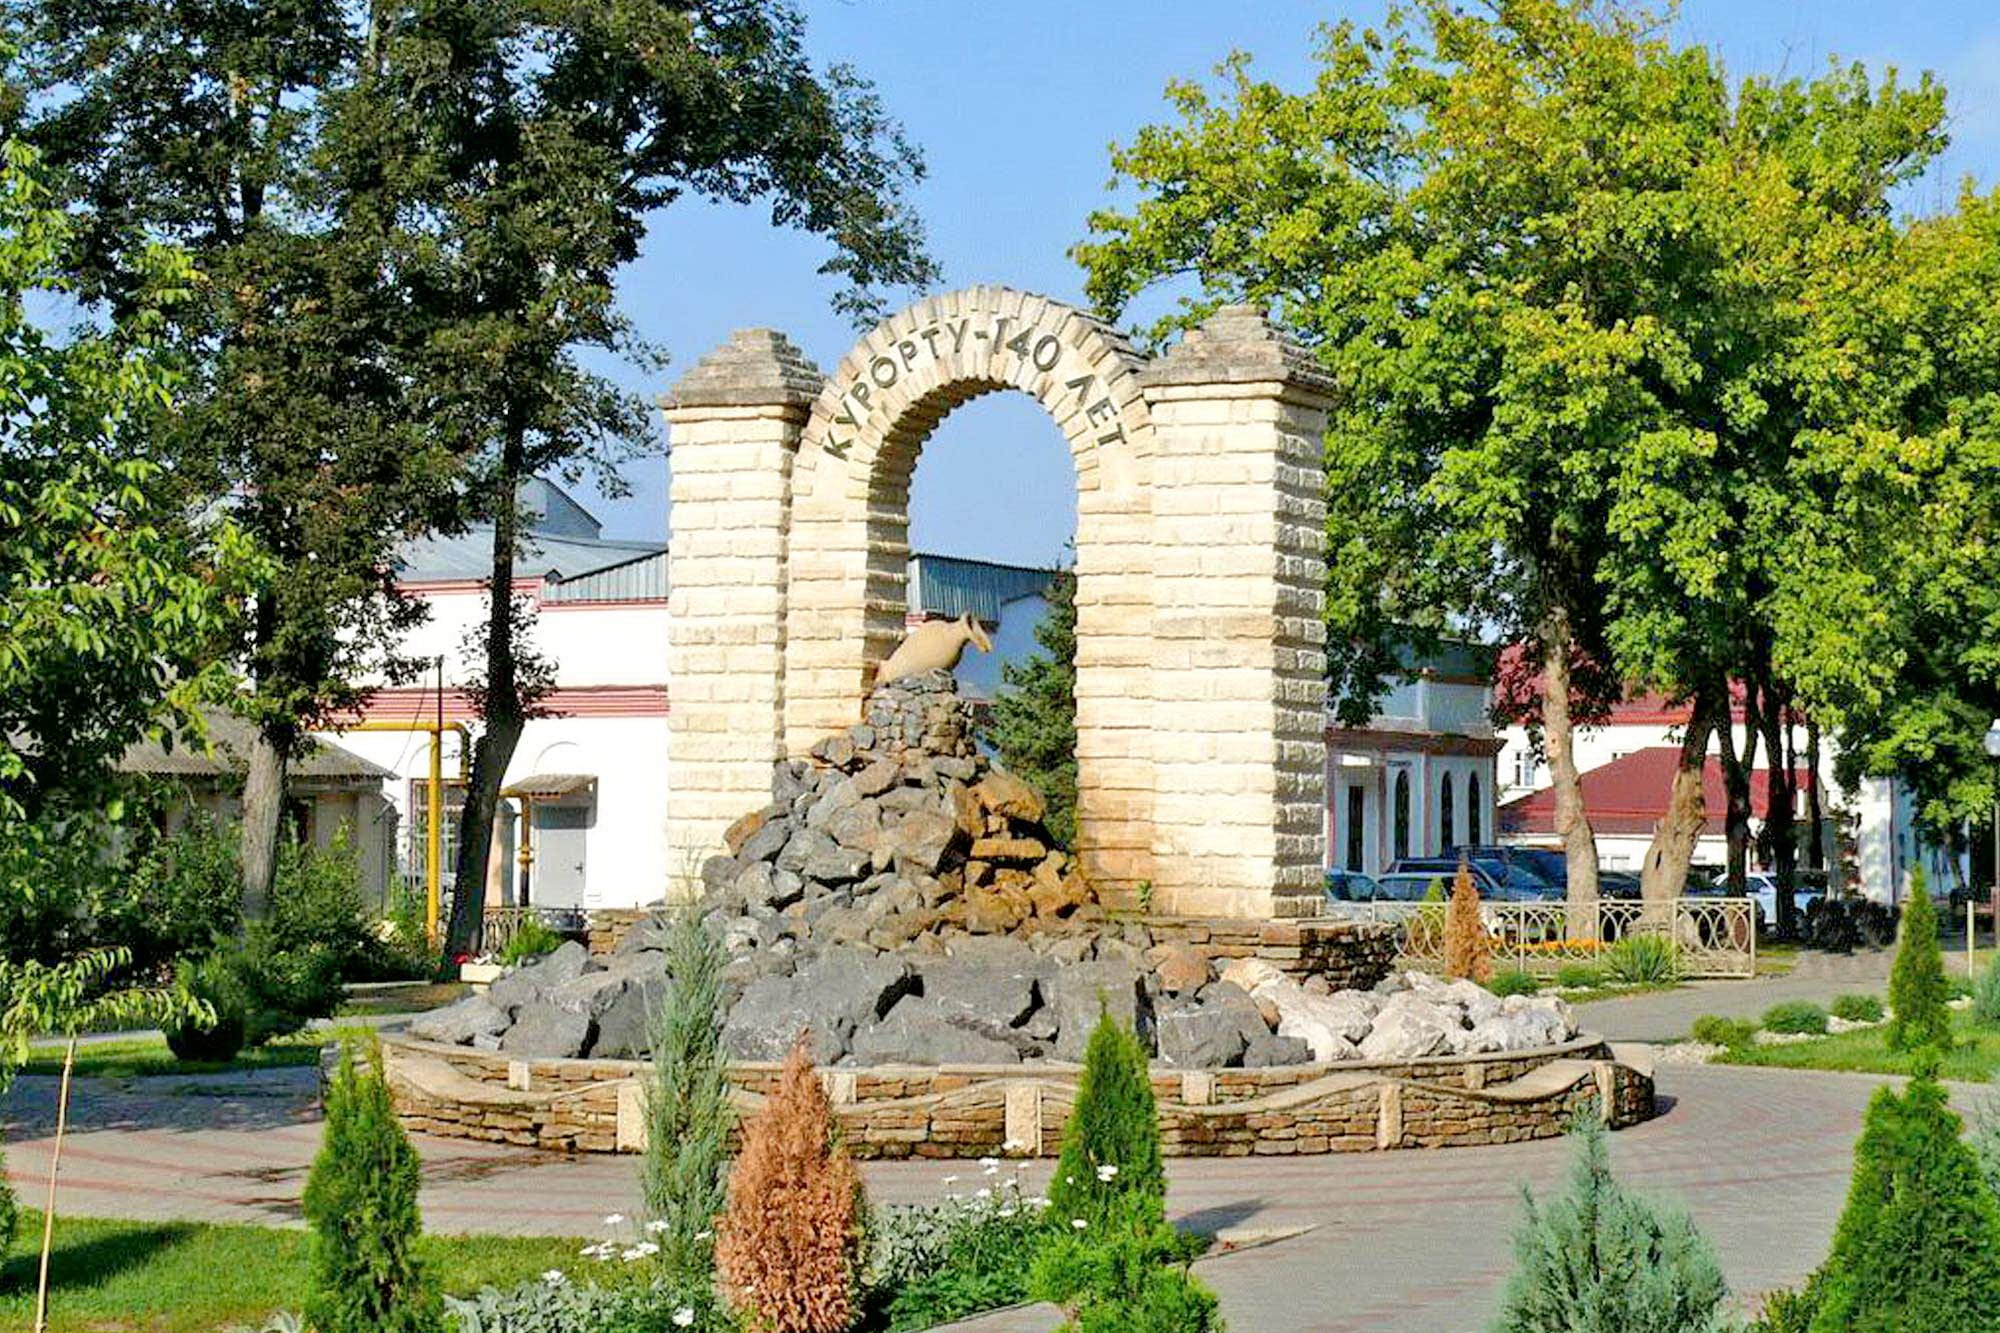 Арка в честь 140-летия курорта